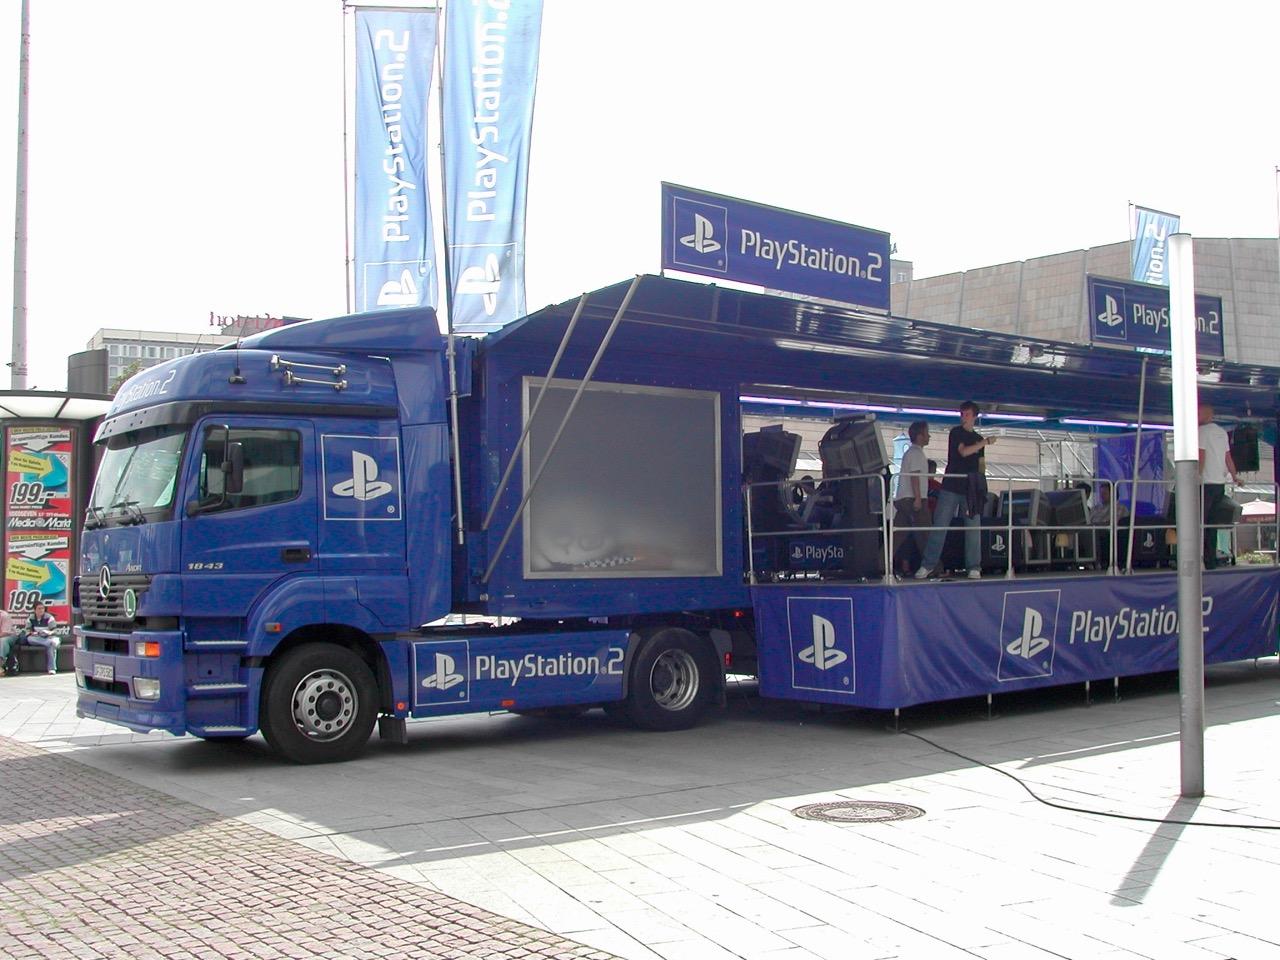 Auch in der Stadt konnte gespielt werden. Hier ein SONY PlayStation 2 Truck. (Bild: André Eymann)